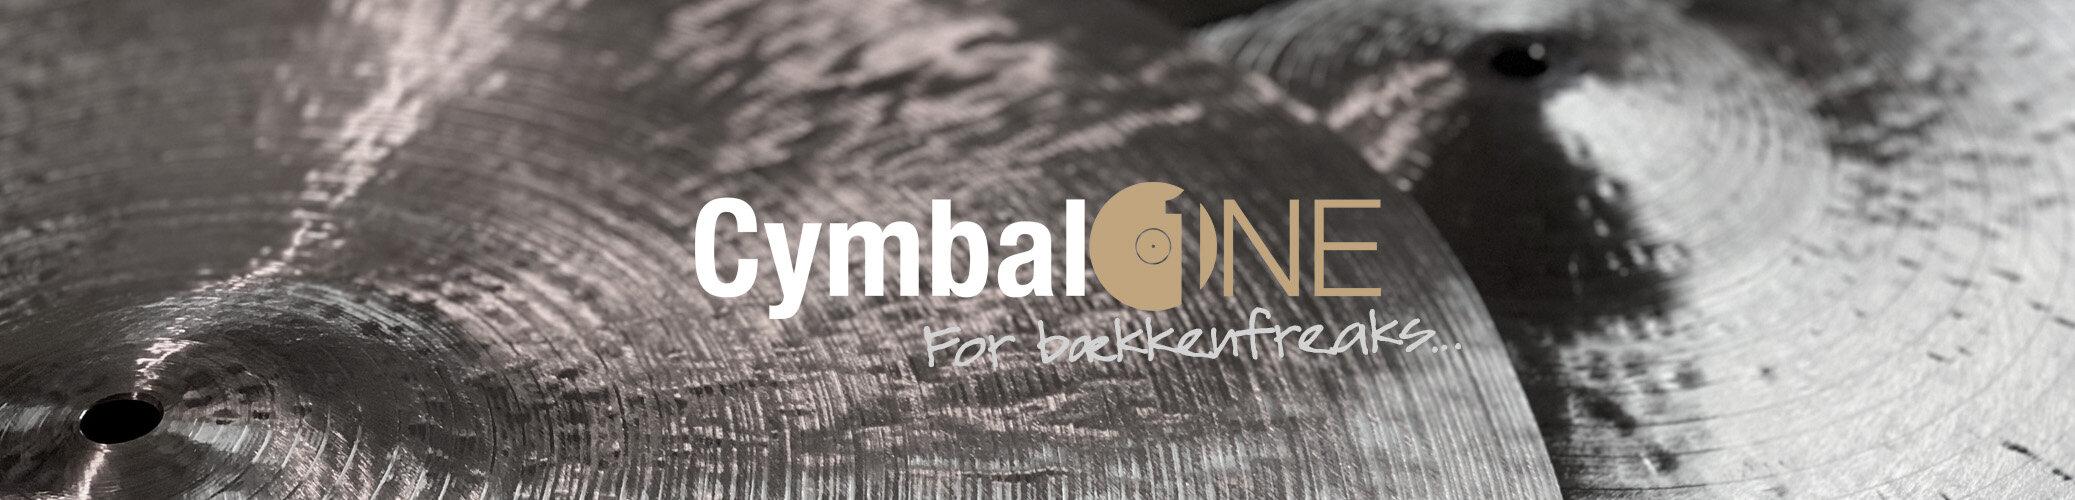 Banner CymbalOne